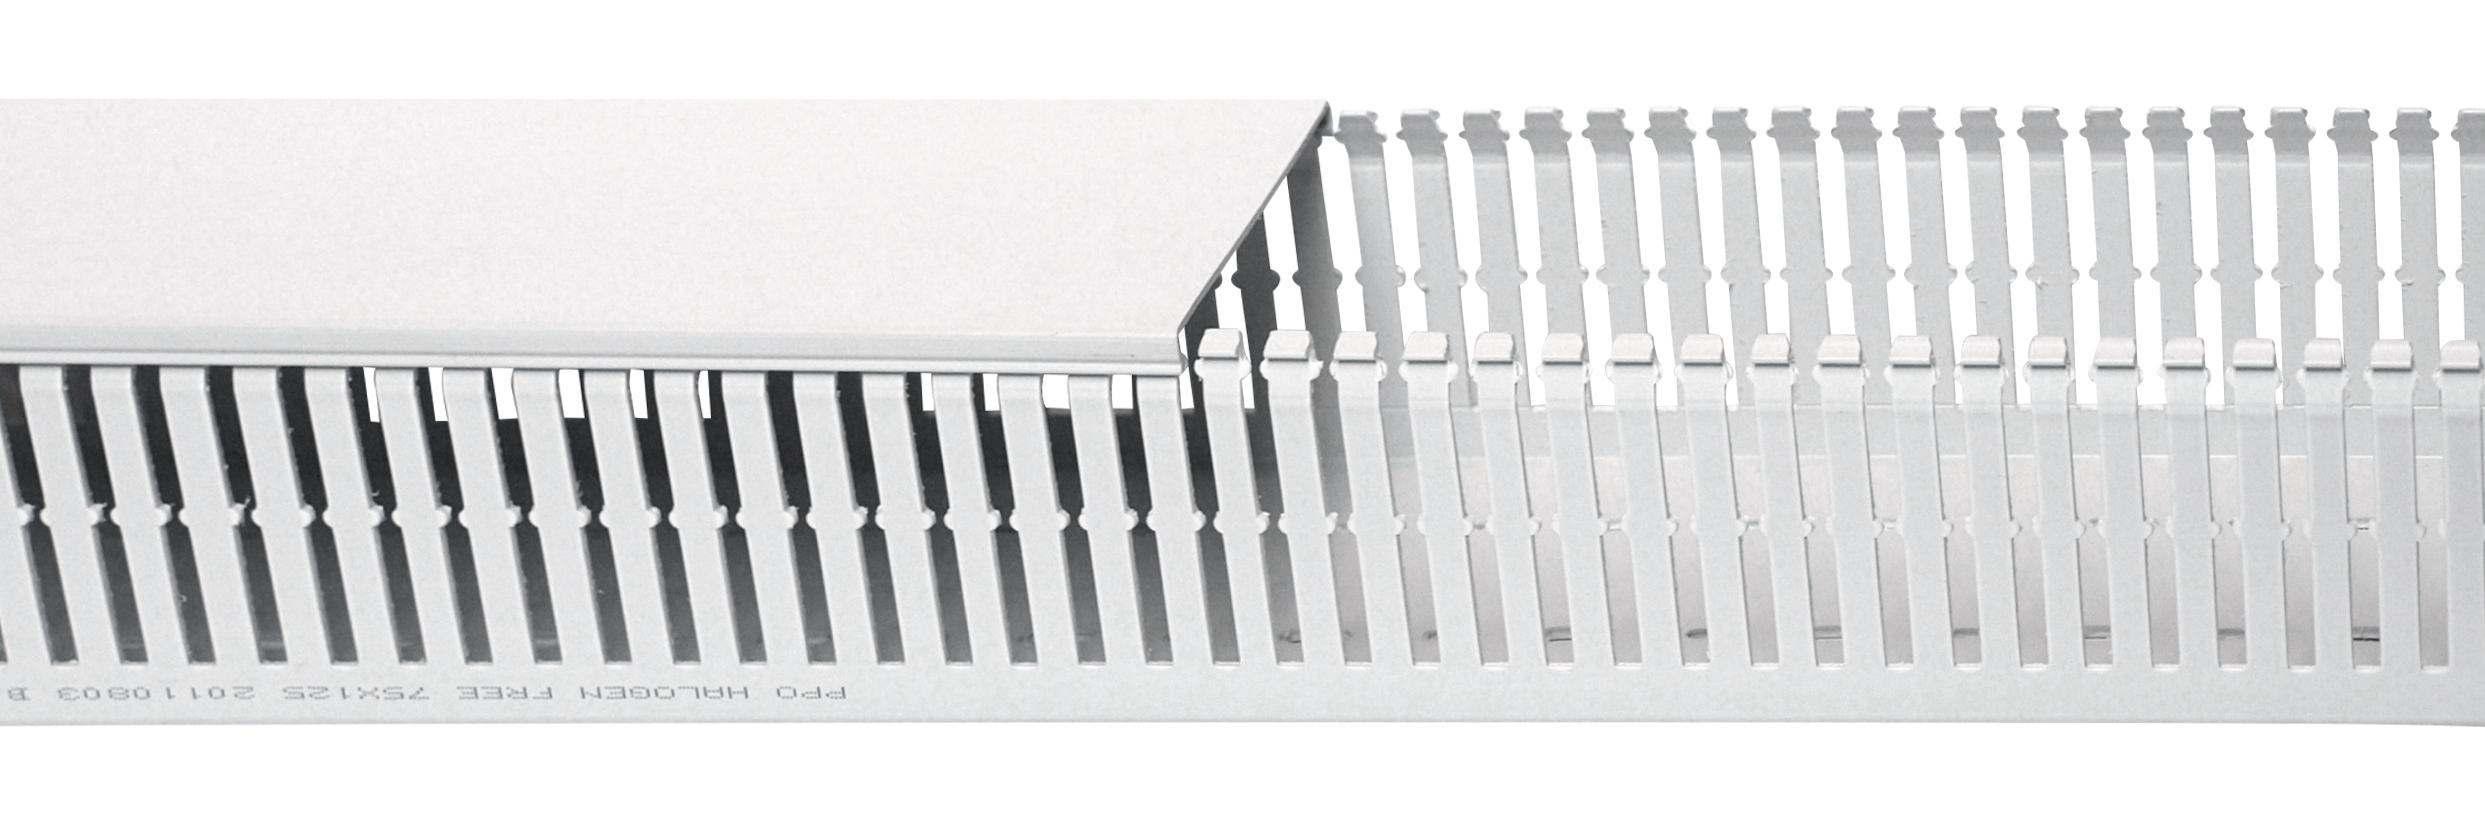 1 m Verdrahtungskanal halogenfrei 125x75mm (BxH), RAL 7035 RH732919--